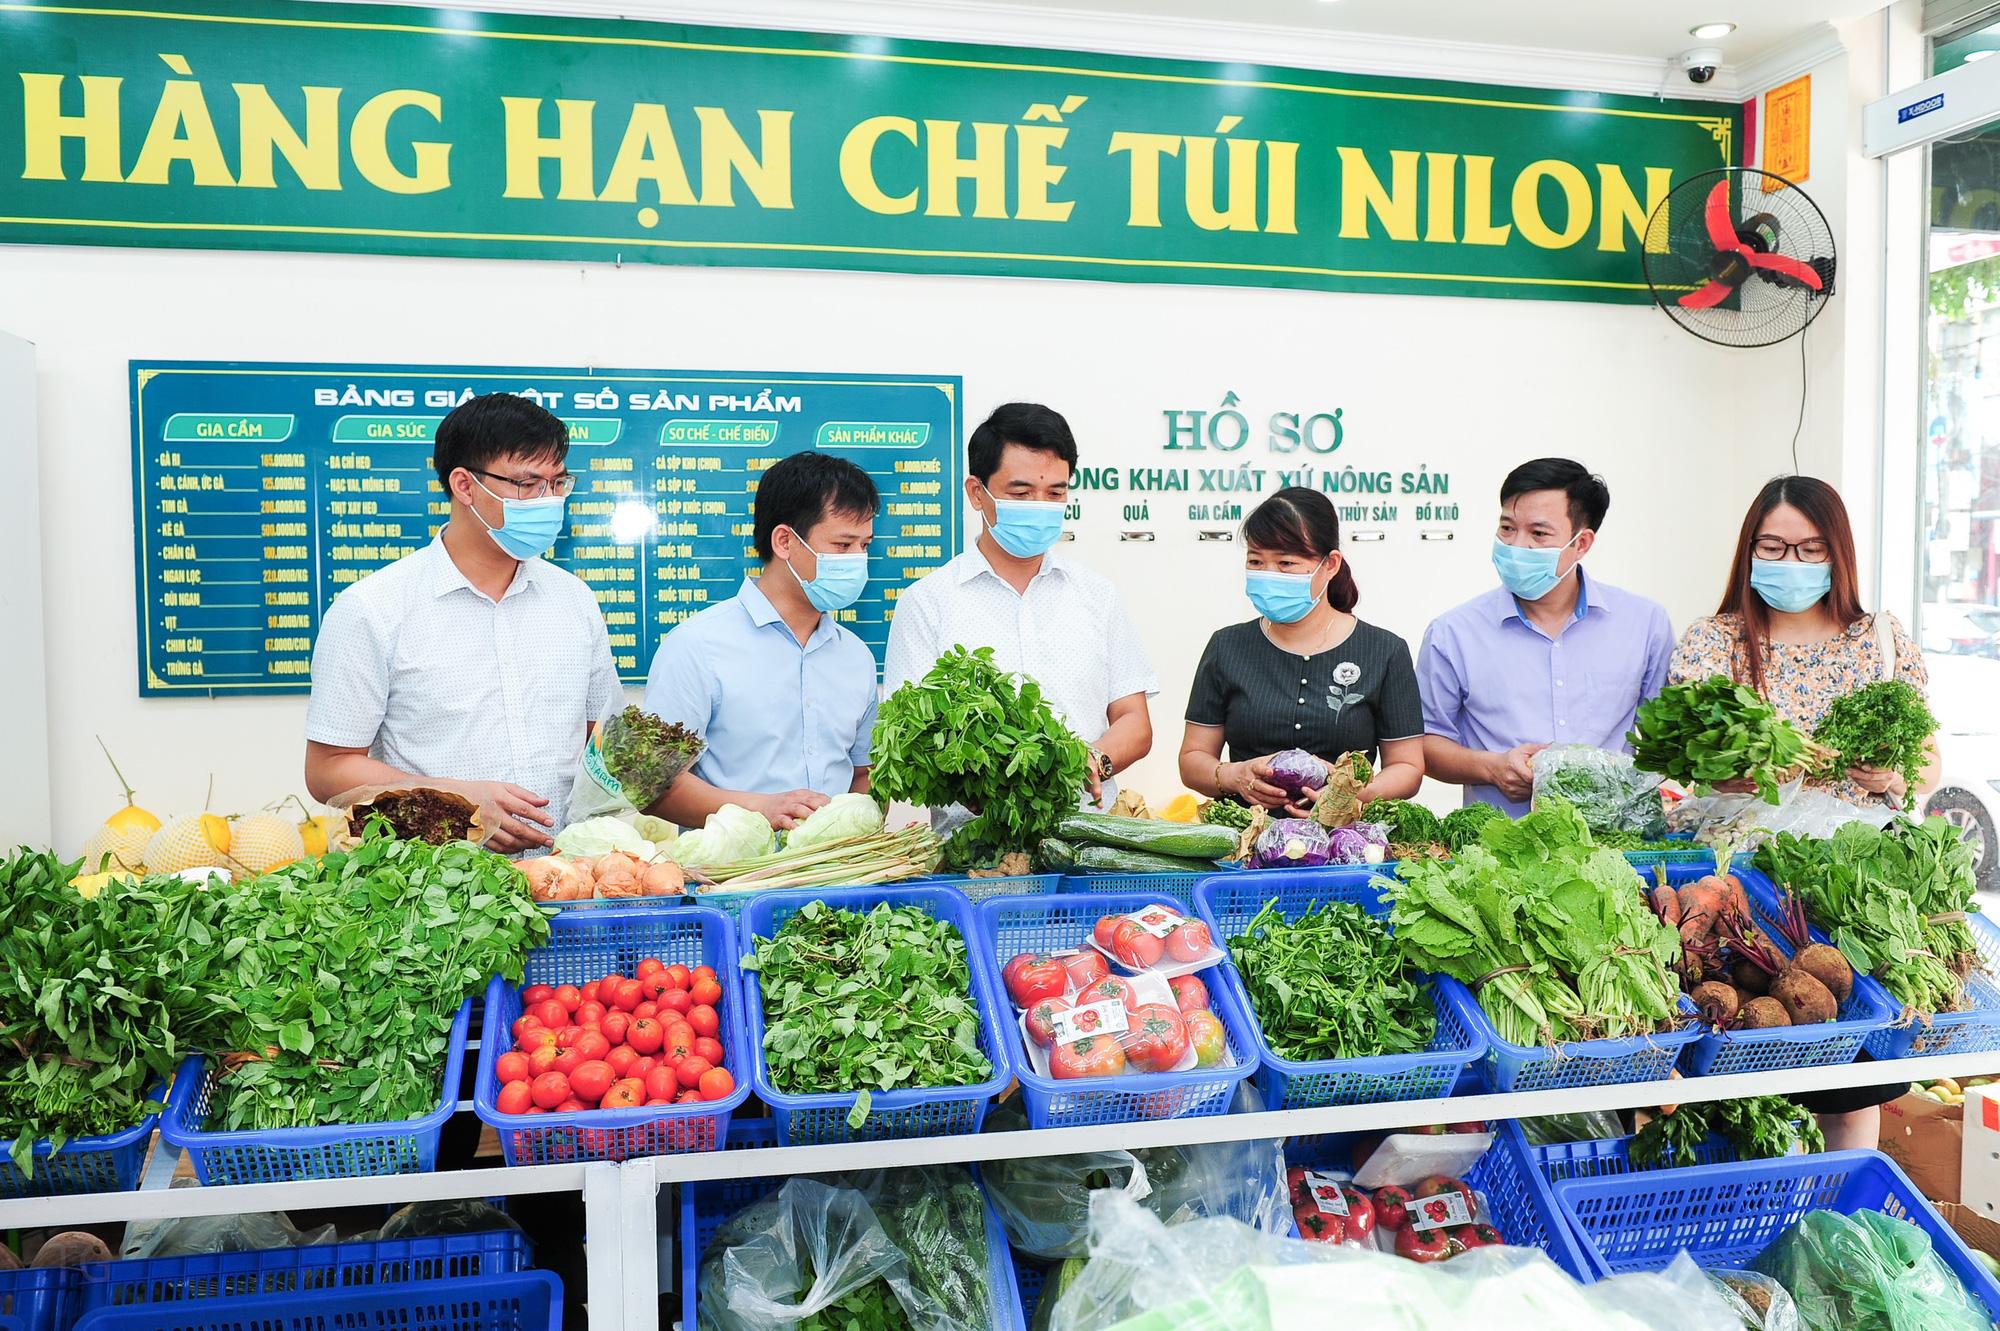 Ninh Bình: Hội Nông dân tỉnh kết nối tiêu thụ nông sản trong mùa dịch cho nông dân. - Ảnh 2.